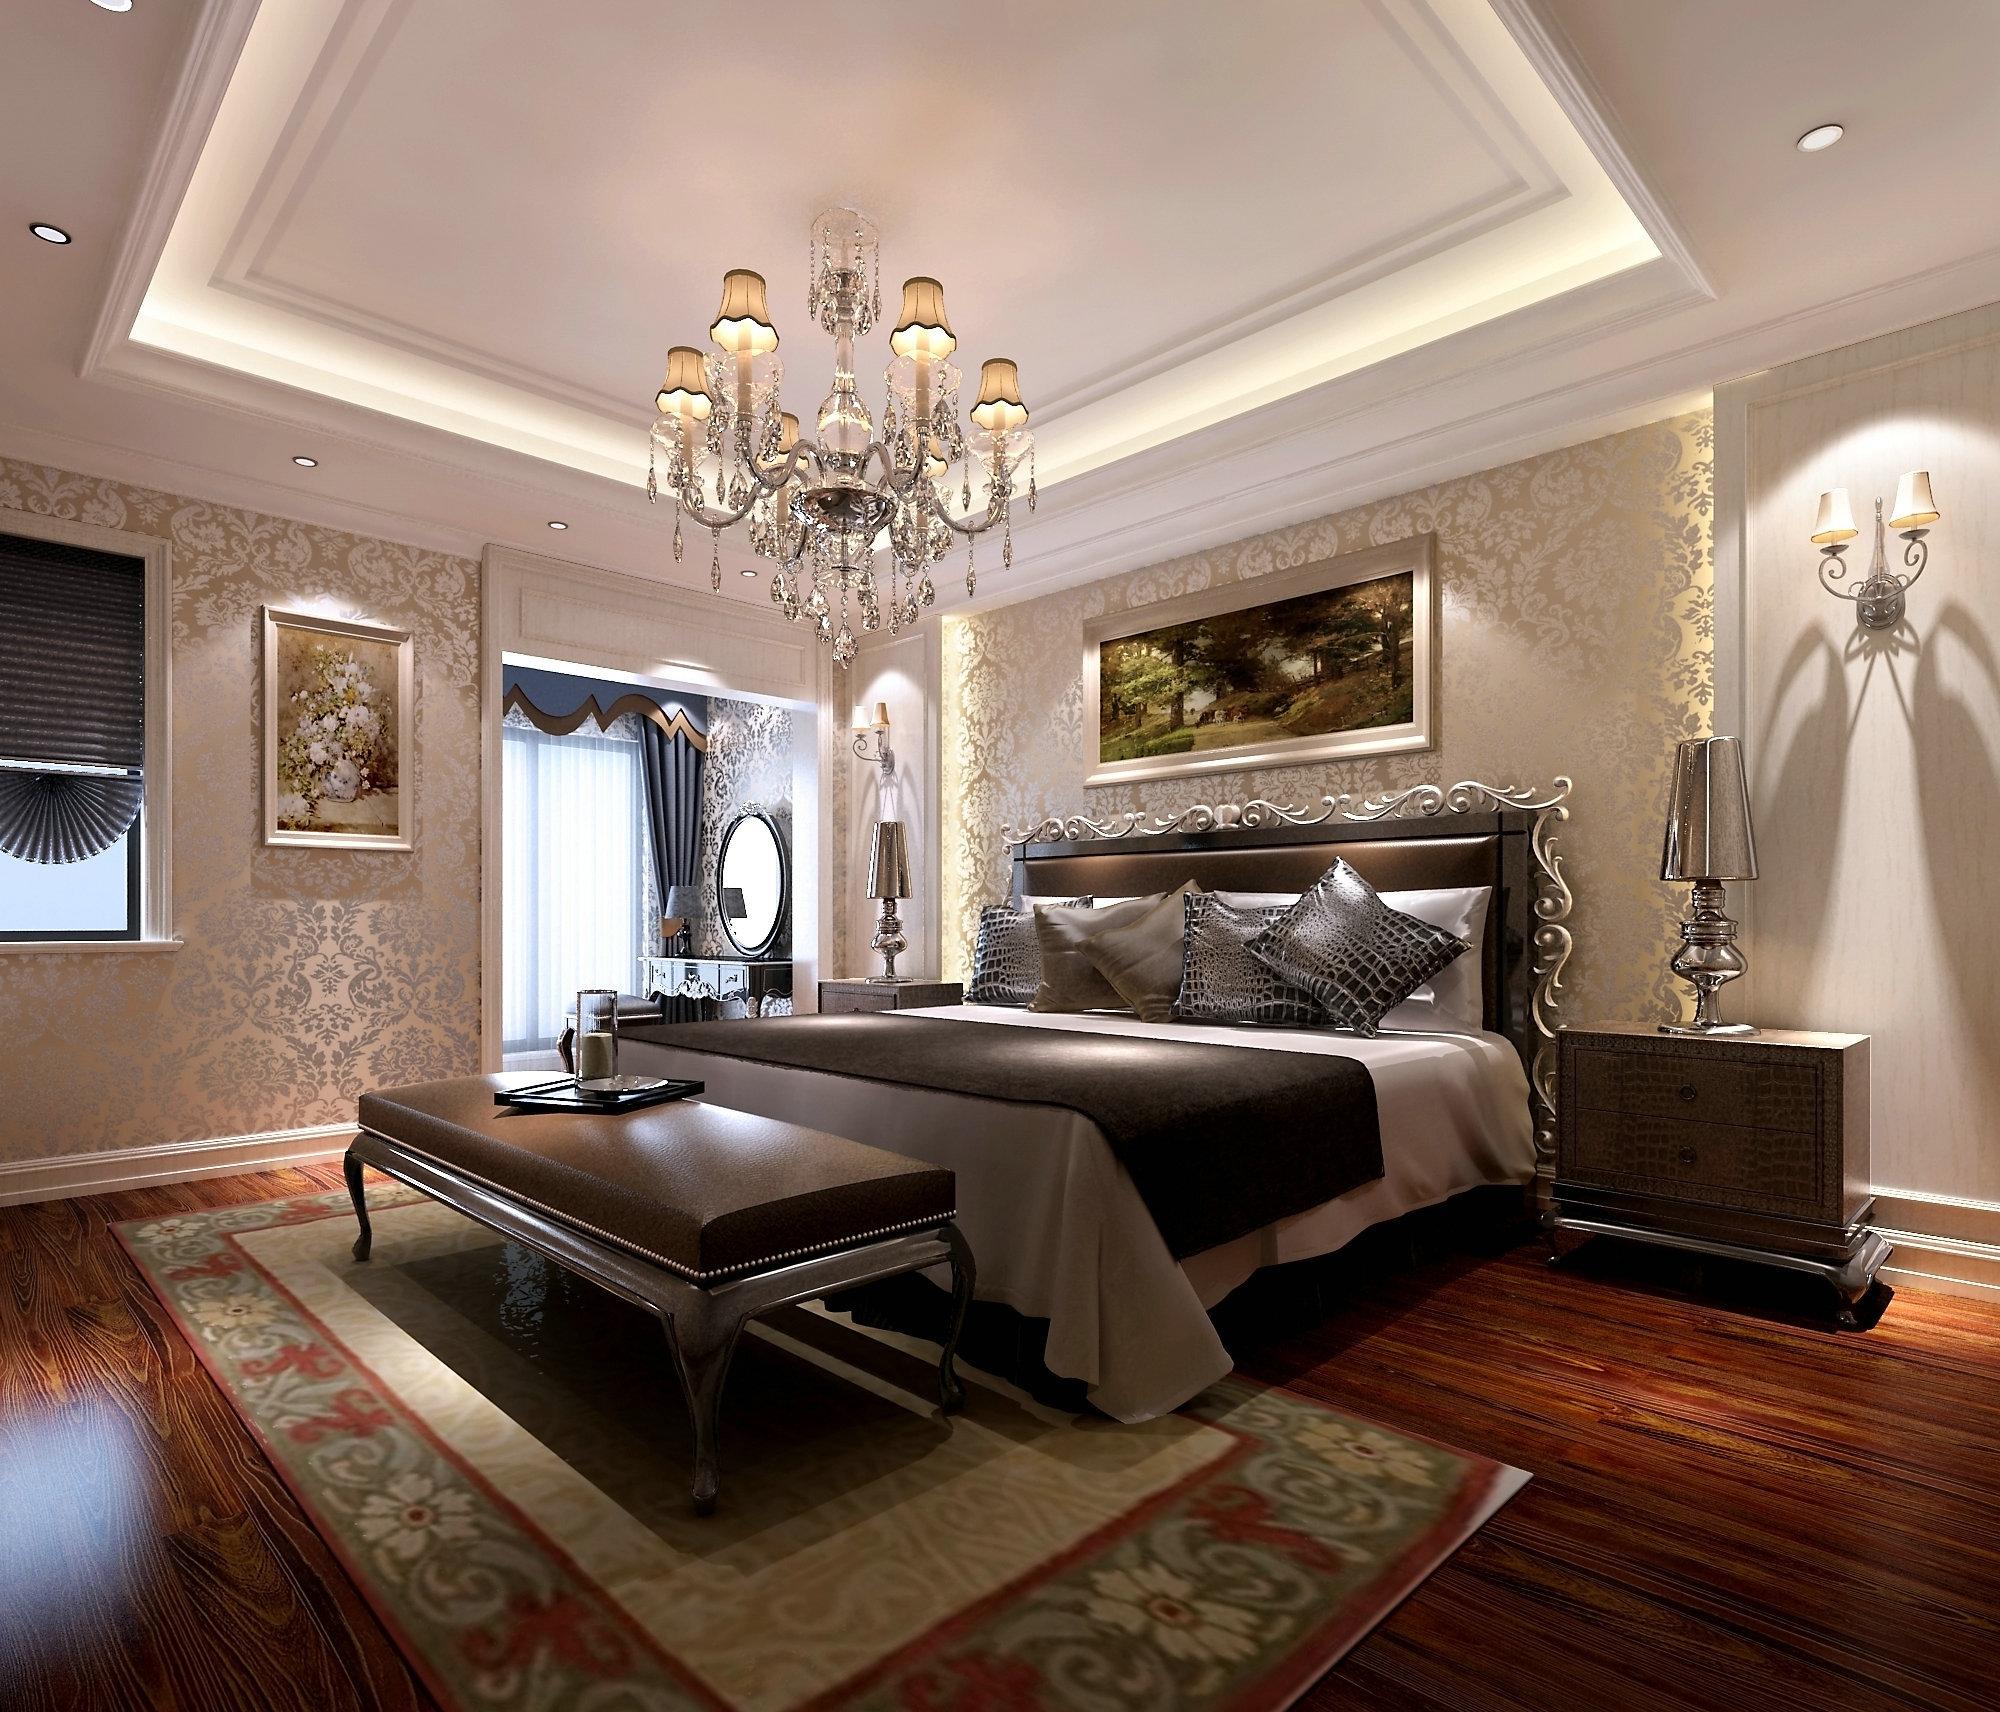 东方豪园 别墅装修 欧美风格 腾龙设计 卧室图片来自孔继民在东方豪园独栋别墅项目装修欧美风的分享